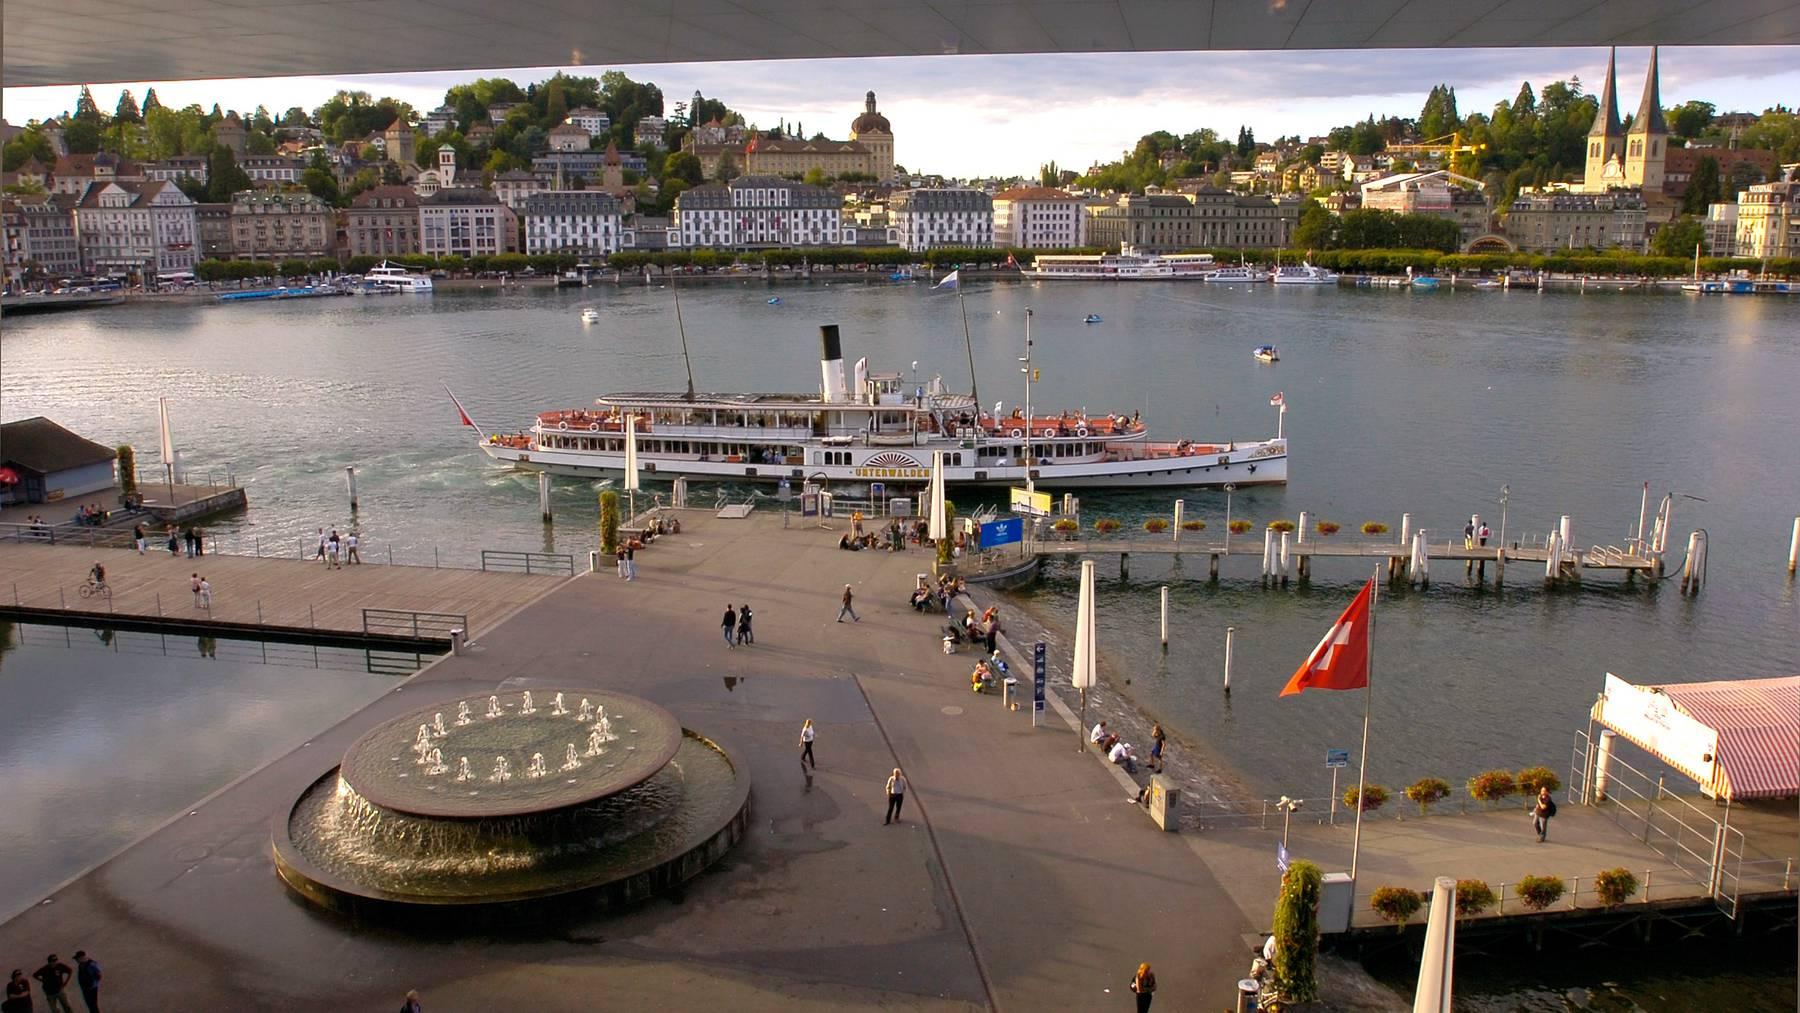 Nebst dem Quai und dem Inseli sind auch Teile des Europaplatzes abgesperrt. (Archivbild)